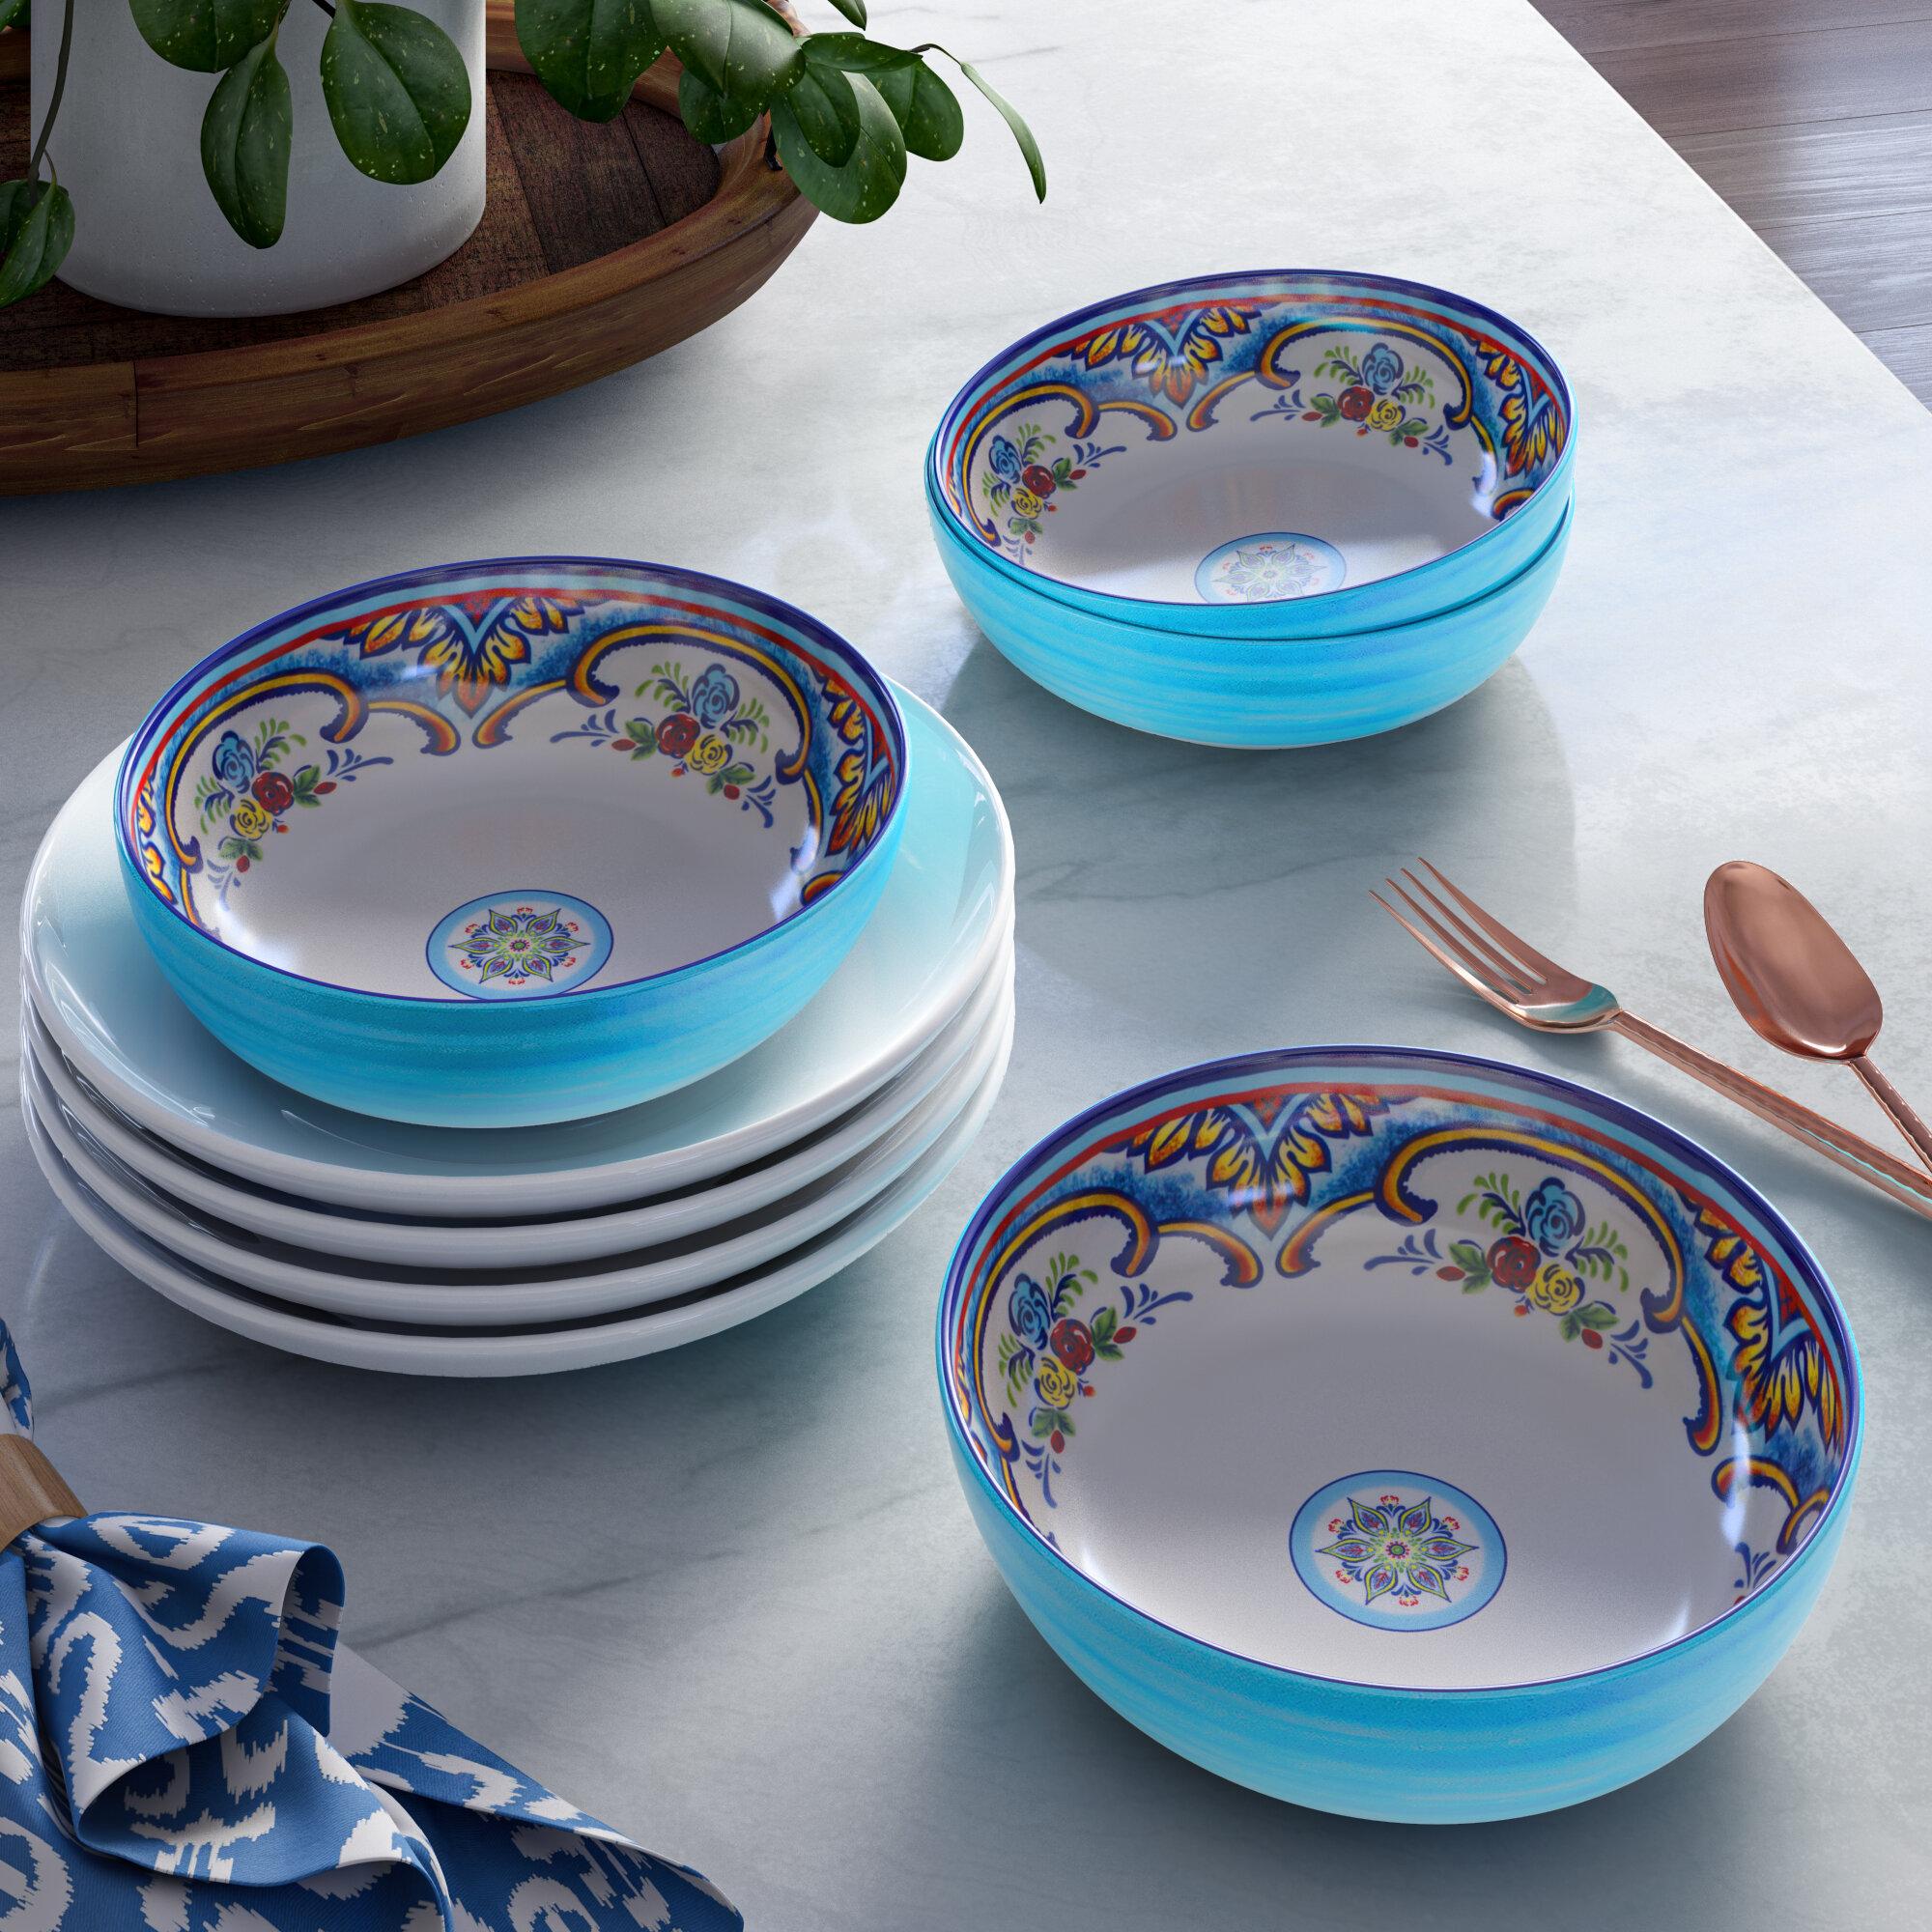 Petal and Stone Blue Floral Garden Toile Melamine Soup Salad Pasta Bowls Set 4